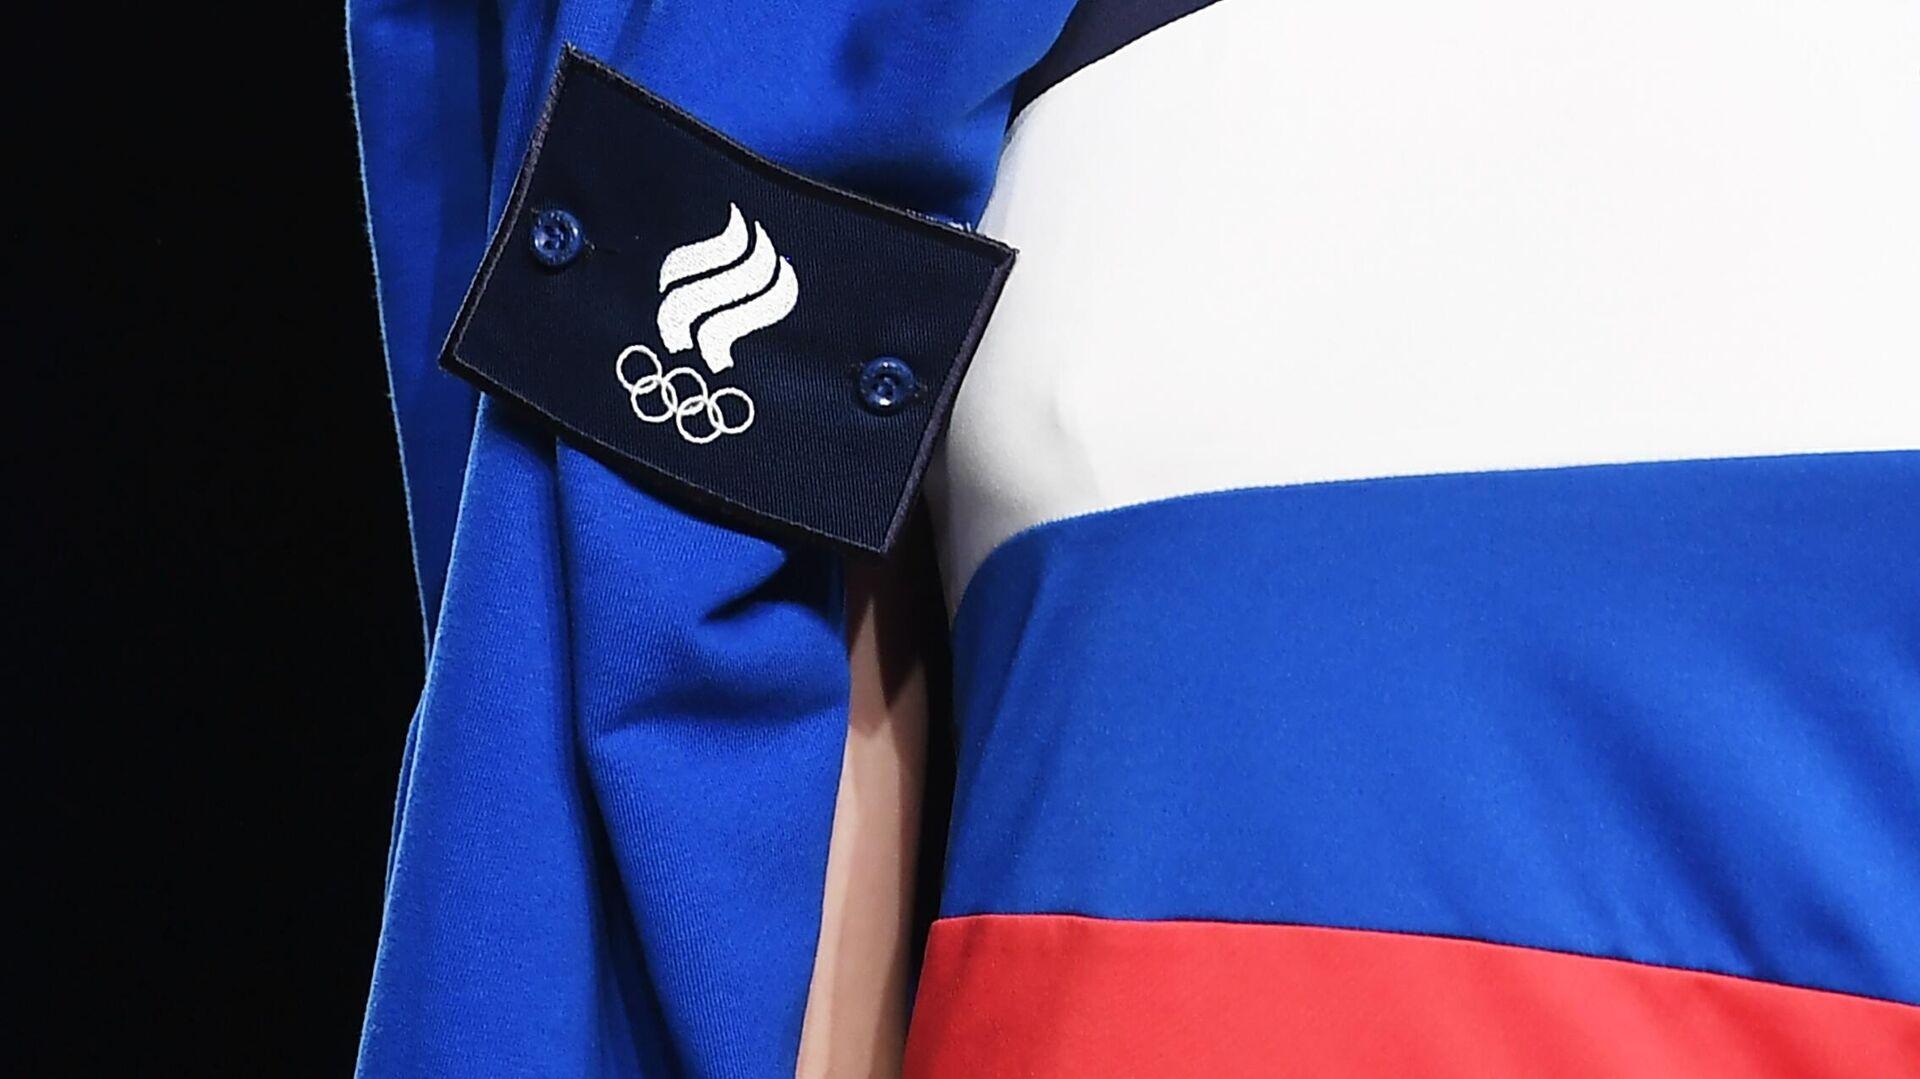 Презентация официальной формы Олимпийской команды России на ОИ-2020 - РИА Новости, 1920, 21.07.2021